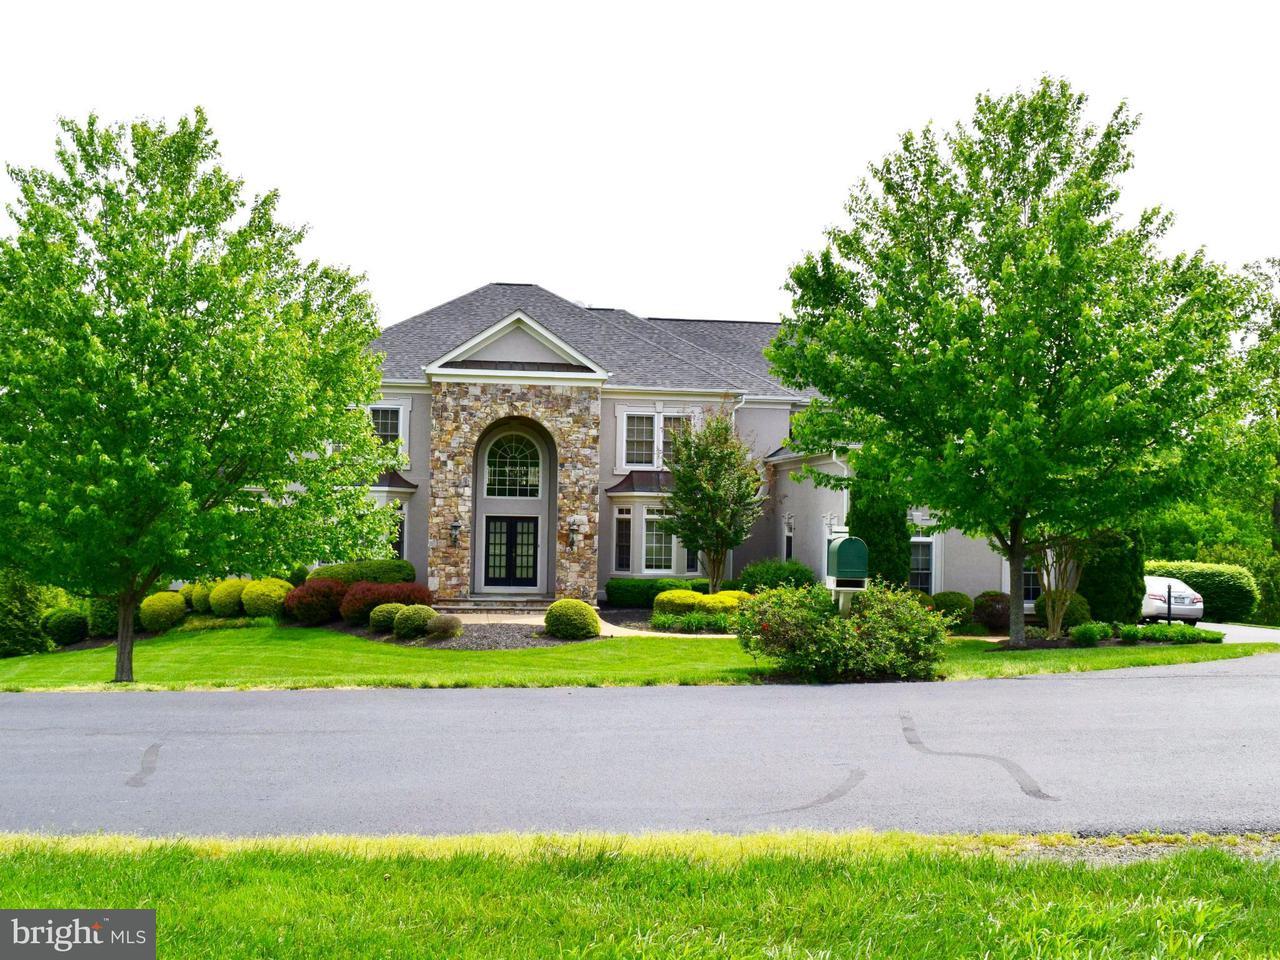 Maison unifamiliale pour l Vente à 15854 SPYGLASS HILL LOOP 15854 SPYGLASS HILL LOOP Gainesville, Virginia 20155 États-Unis